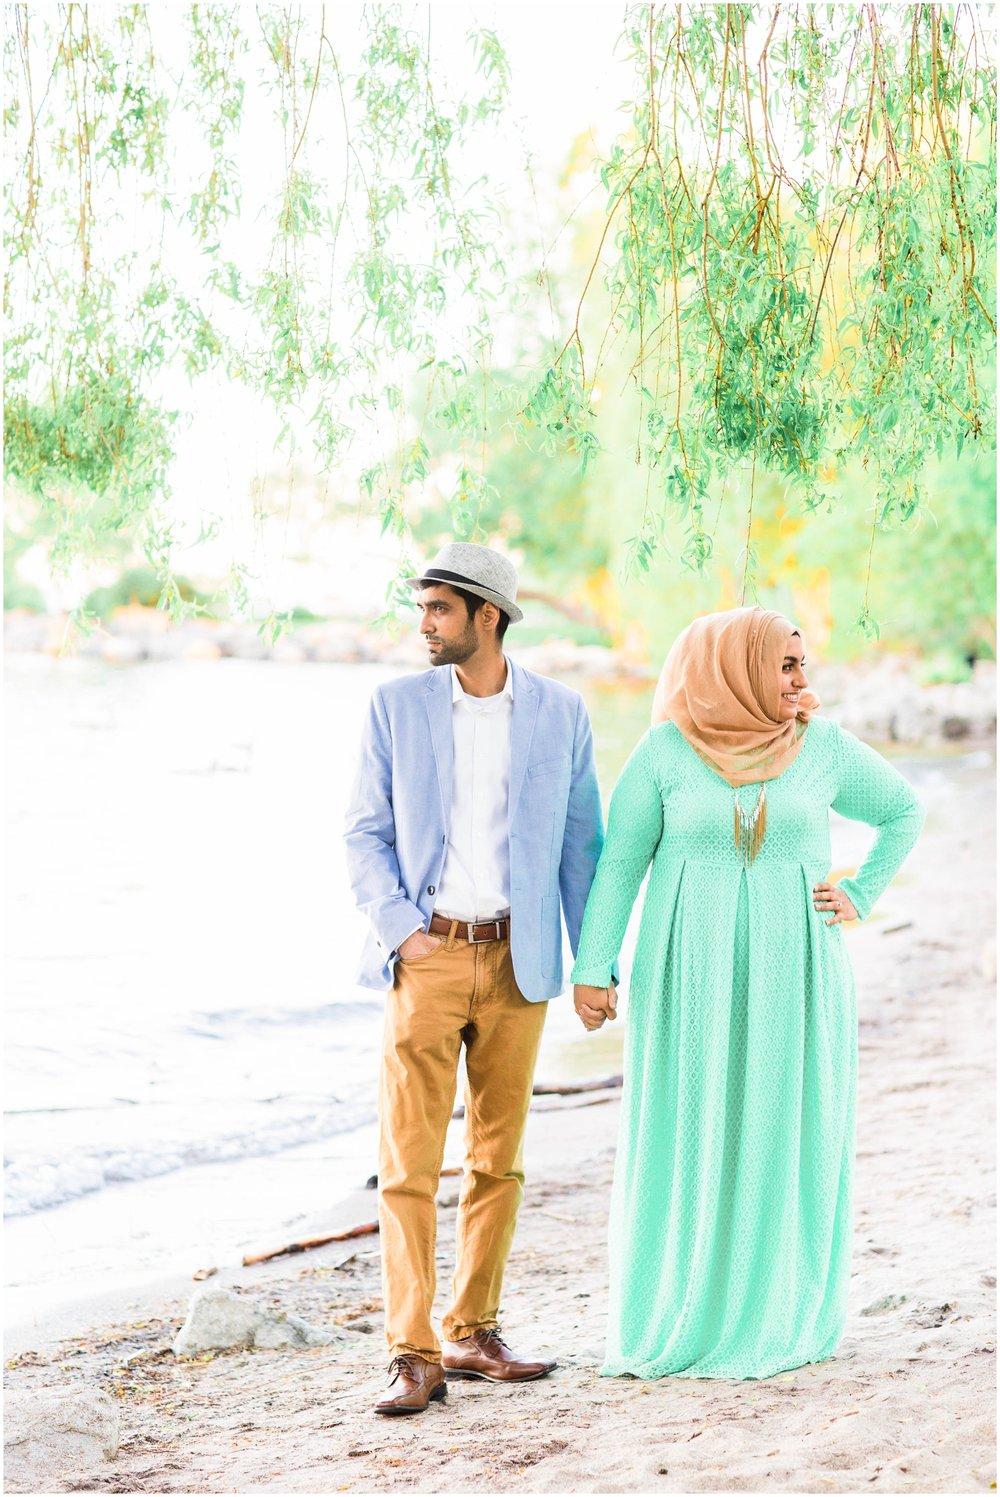 2017-Engagements-Toronto-Mississauga-GTA-Pakistani-Indian-Wedding-Photography-Photographer_0030.jpg